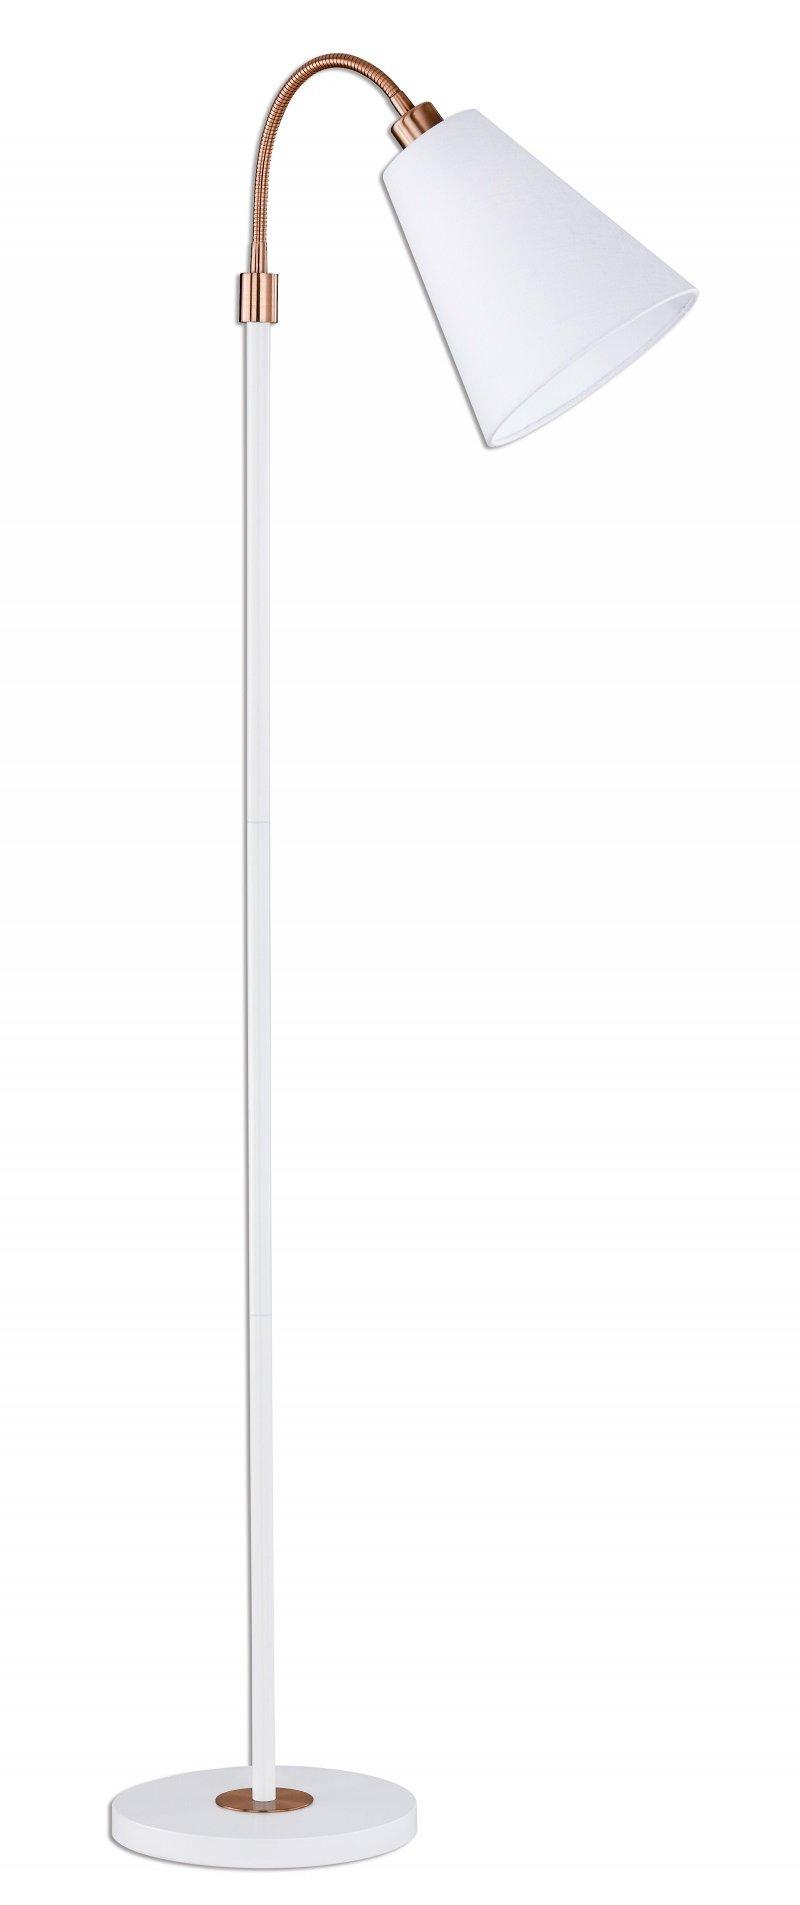 Unglaublich Stehleuchte Weiß Referenz Von 45431-h Hopper Weiß, Bronzefarbig 170 Cm